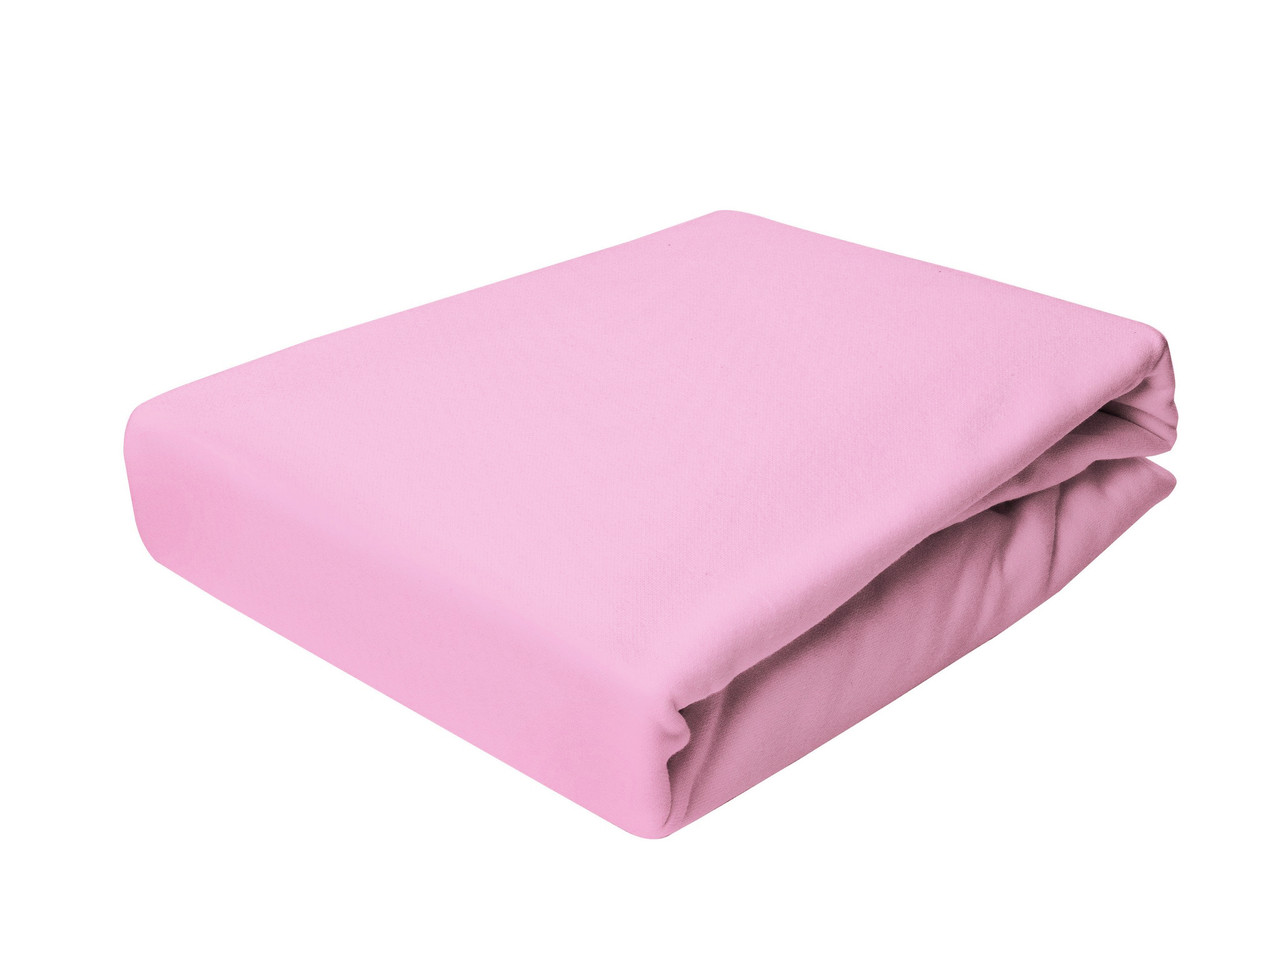 Простыня Трикотажная На резинке NR 002 P.P.H.U. J&M 5323 160x200 см Розовая